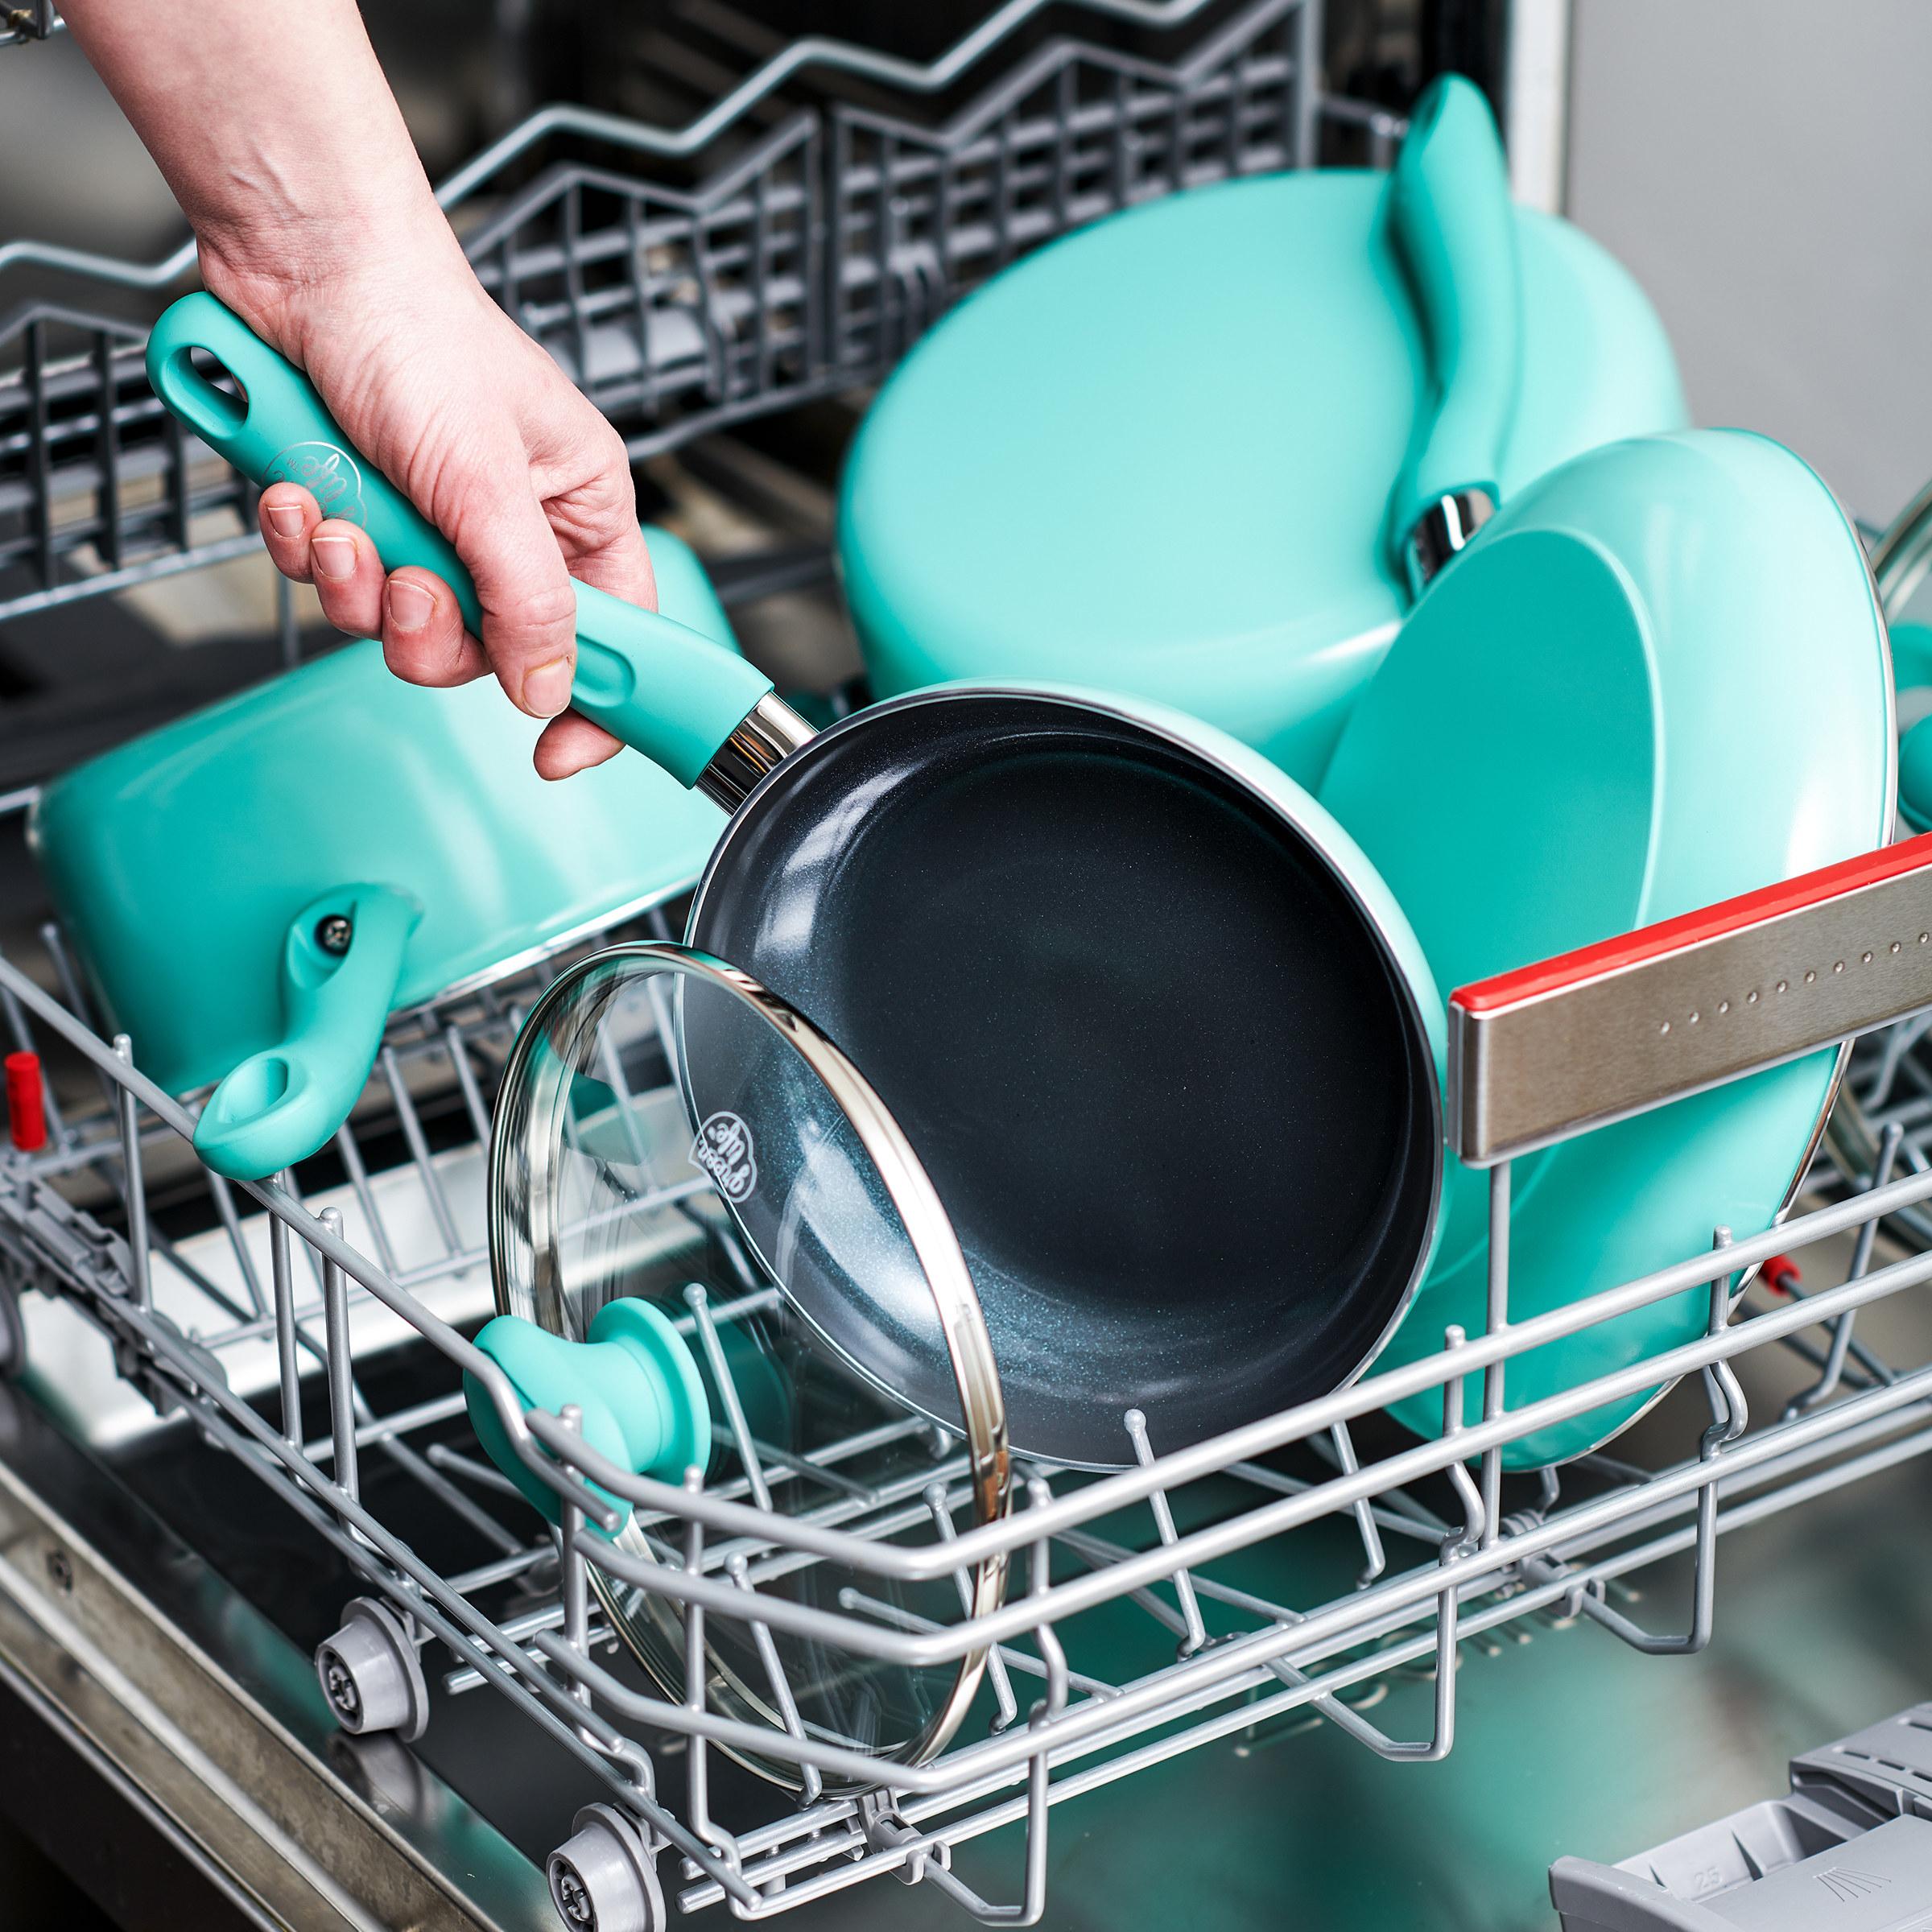 Theturquoise ceramic non-stick saucepan